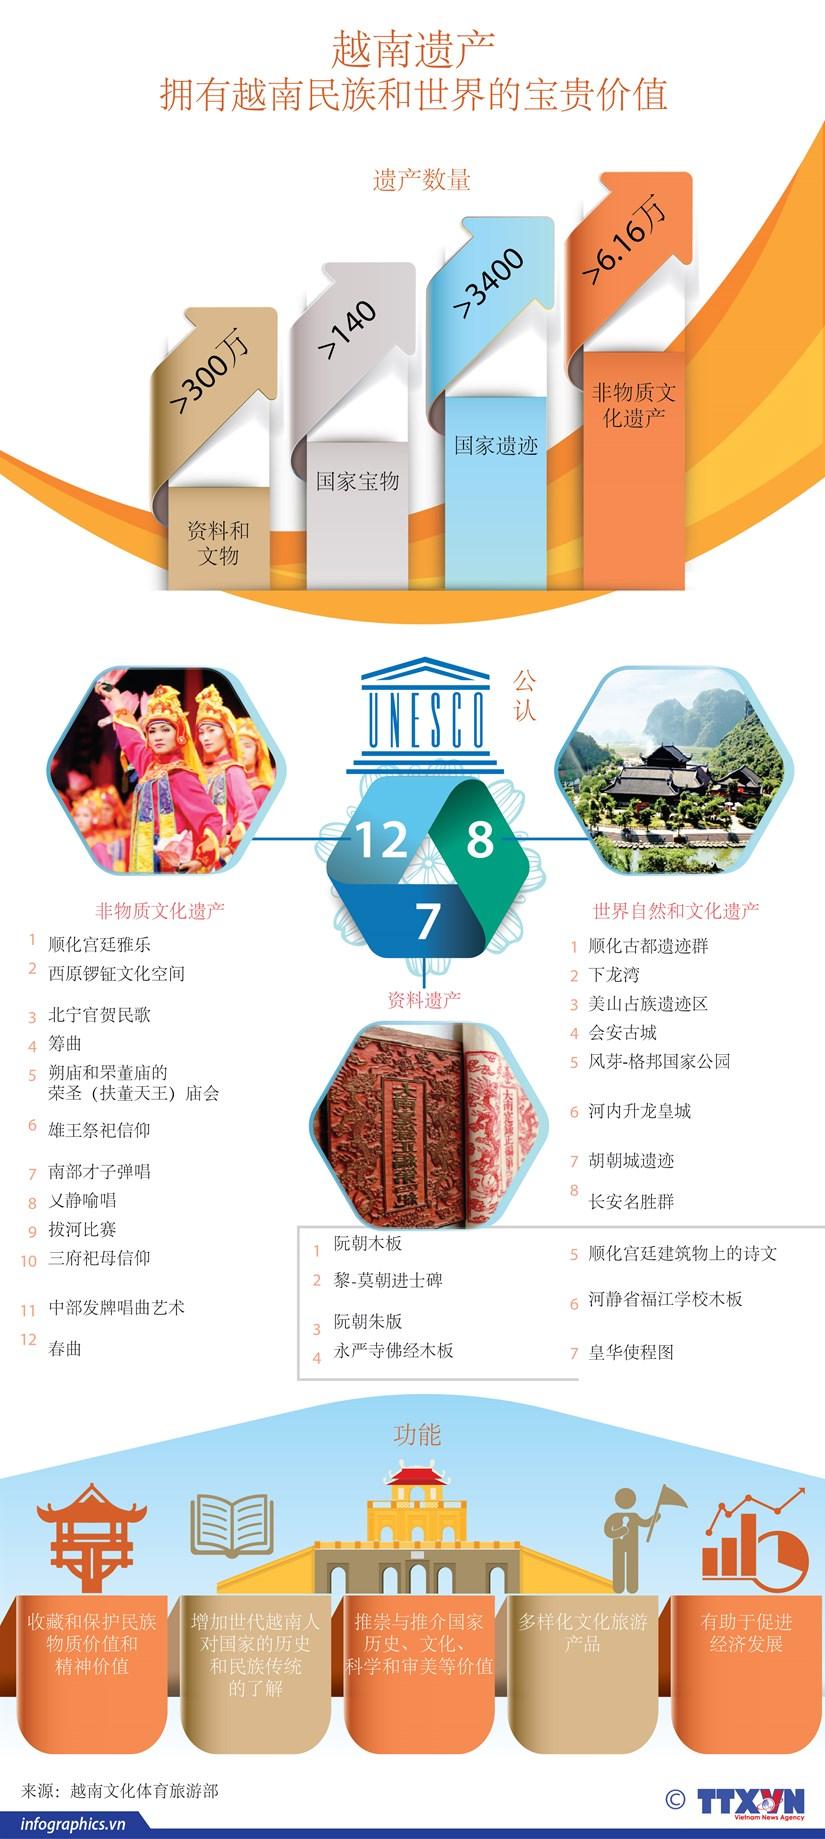 图表新闻:越南遗产:拥有越南民族和世界的宝贵价值 hinh anh 1